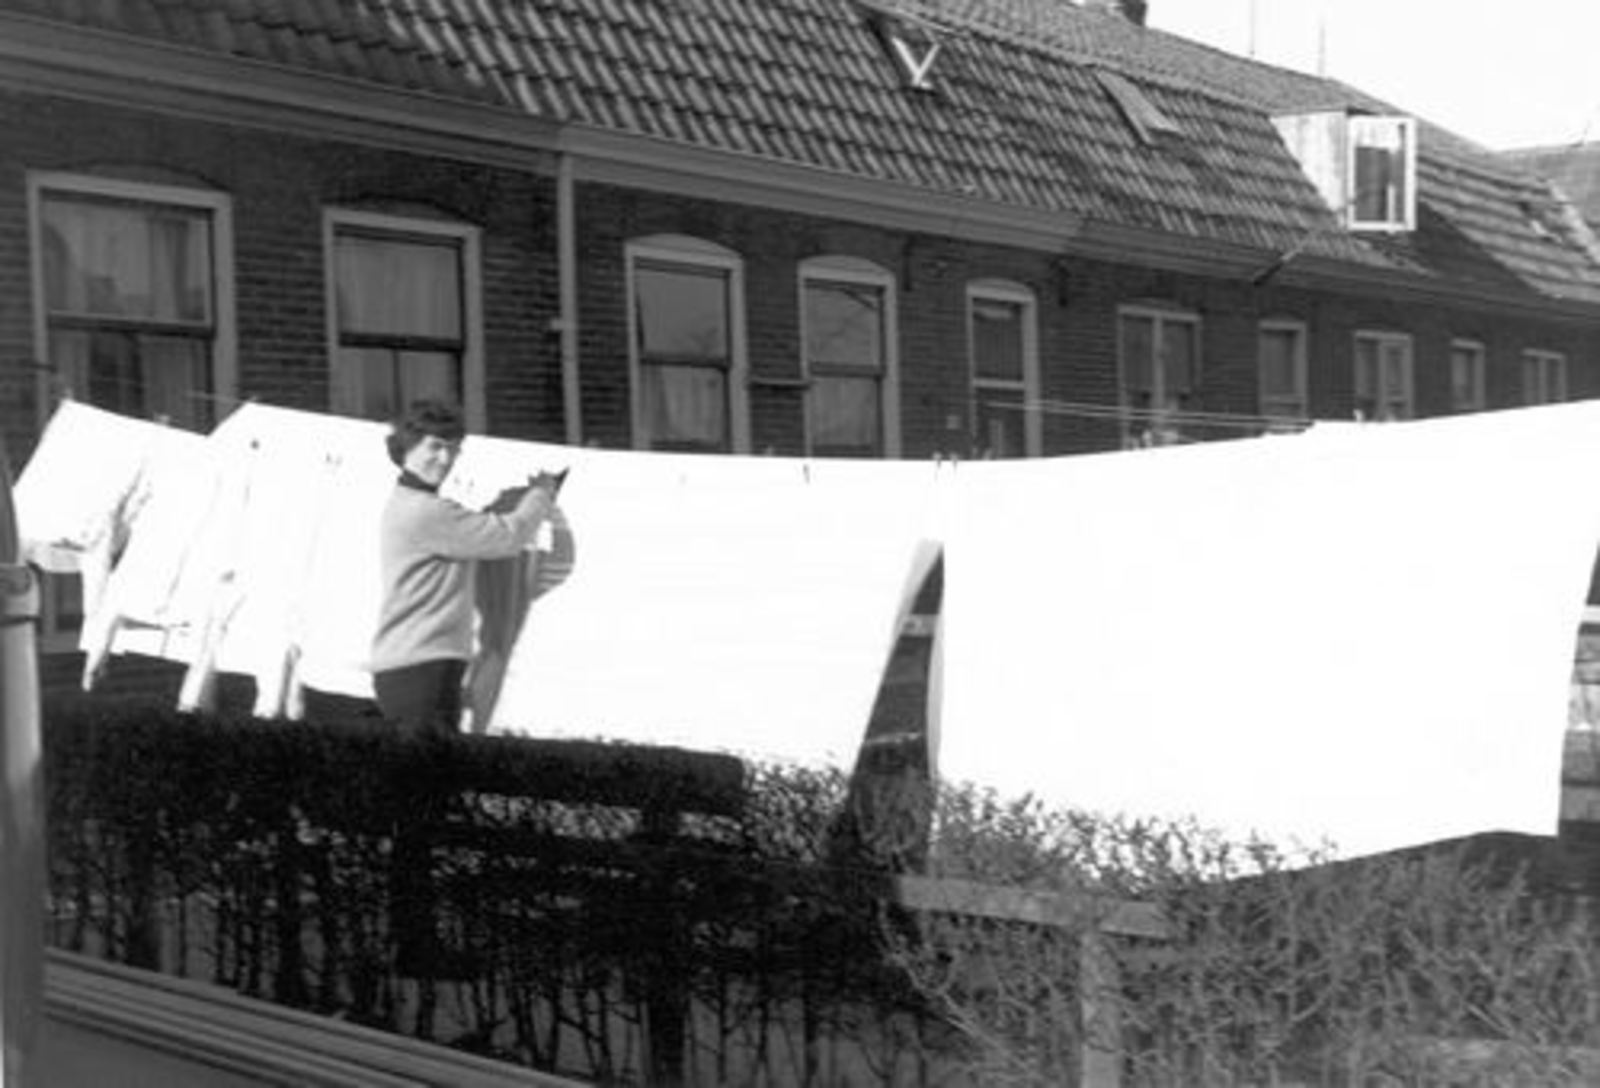 Stationsweg W 0049 1964 Huize Dam met Marijtje Dam met Wasgoed